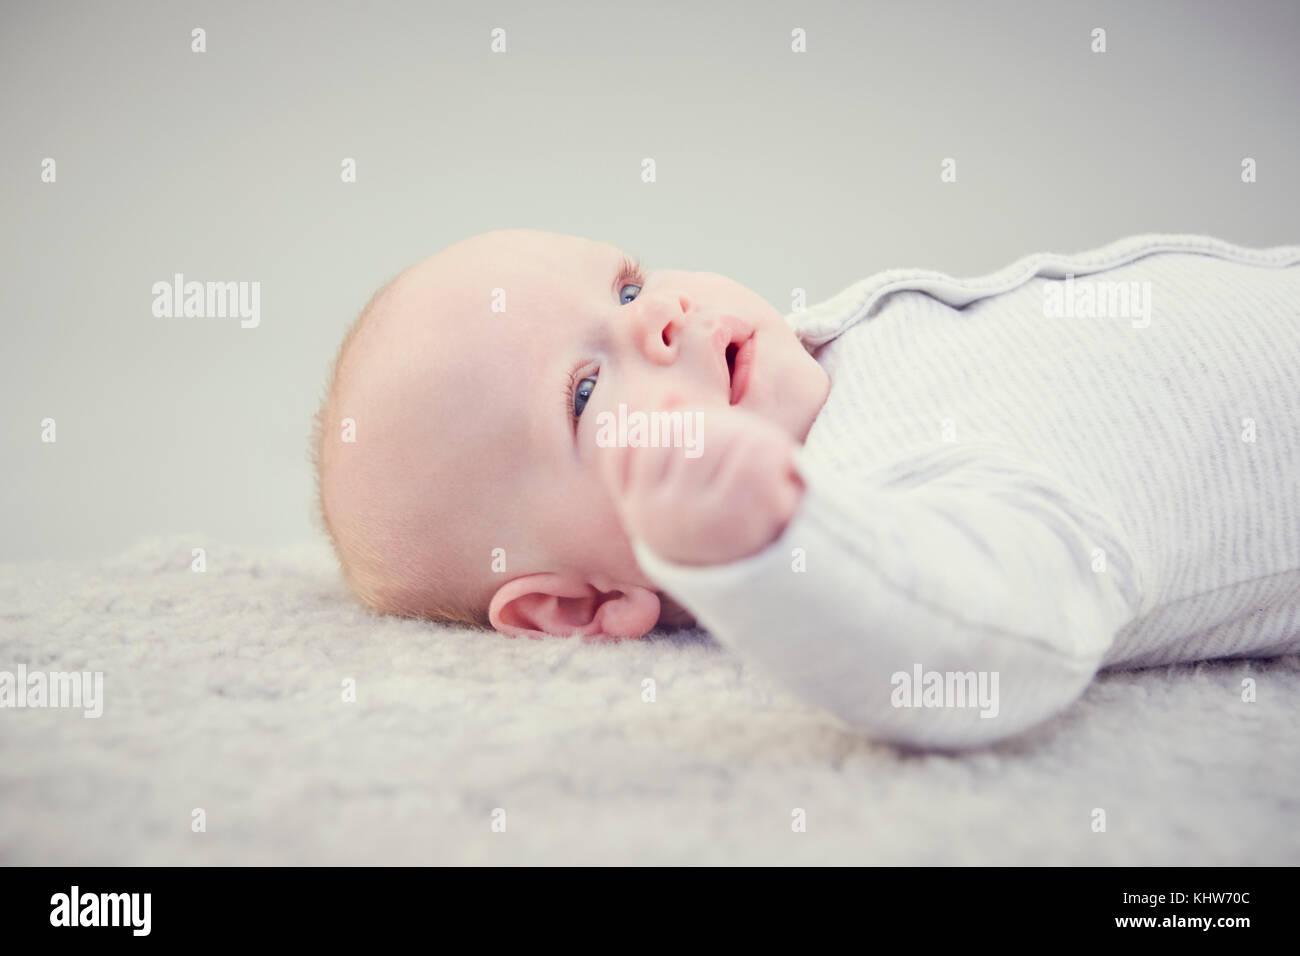 Bebé recién nacido, acostado sobre una alfombra de cerca Foto de stock